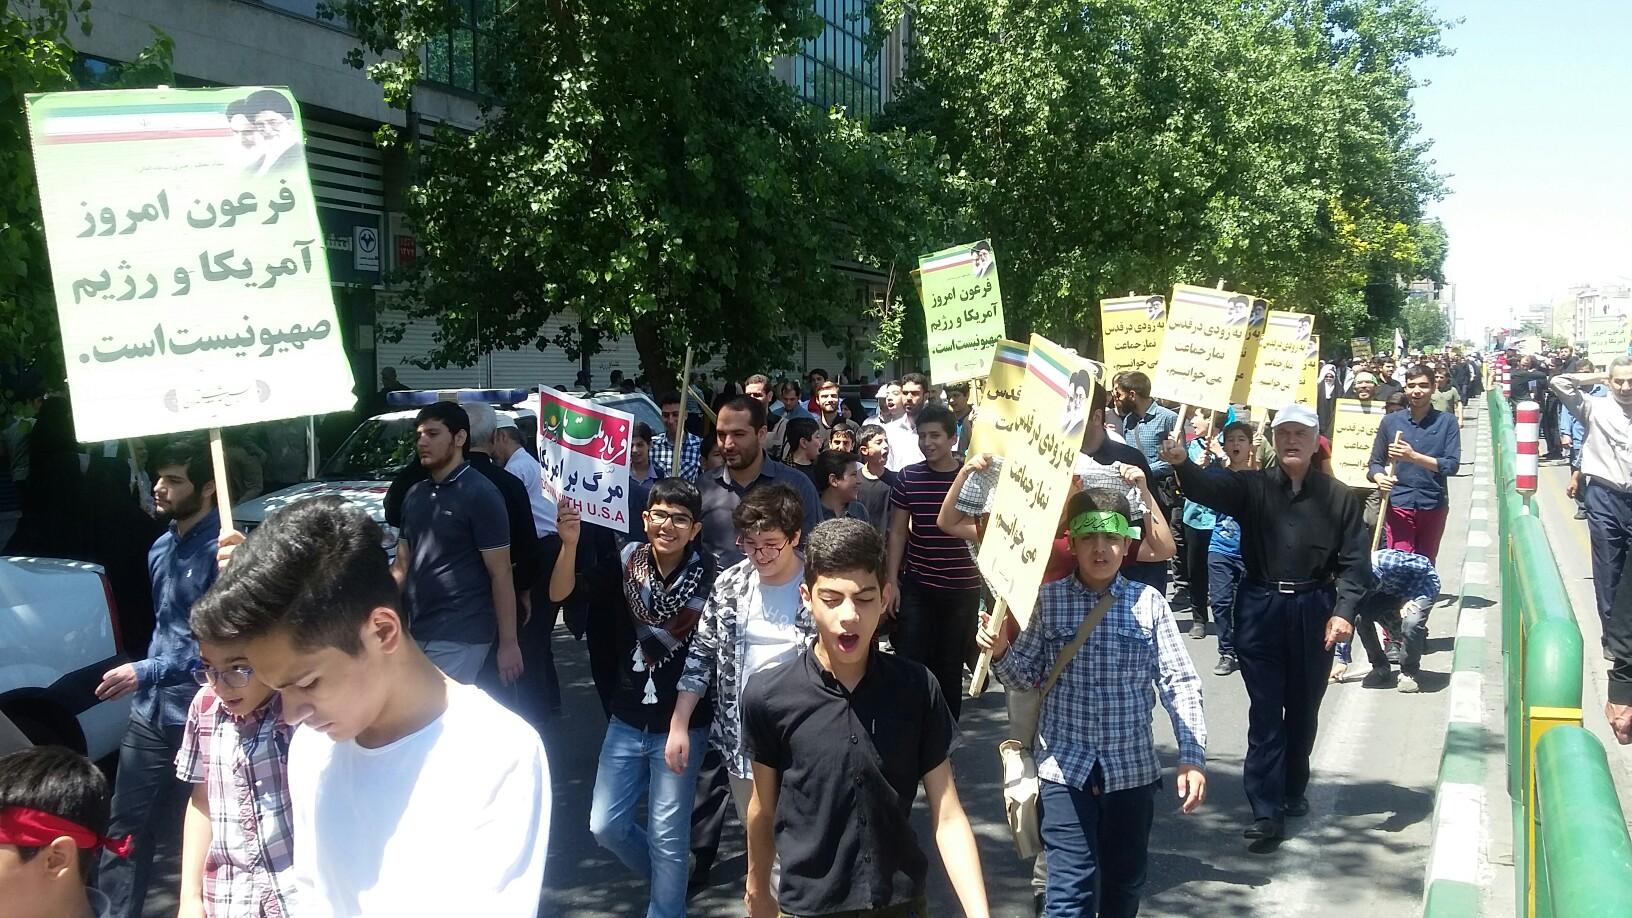 لحظه به لحظه با راهپیمایان روزهدار تهرانی در مراسم روز قدس